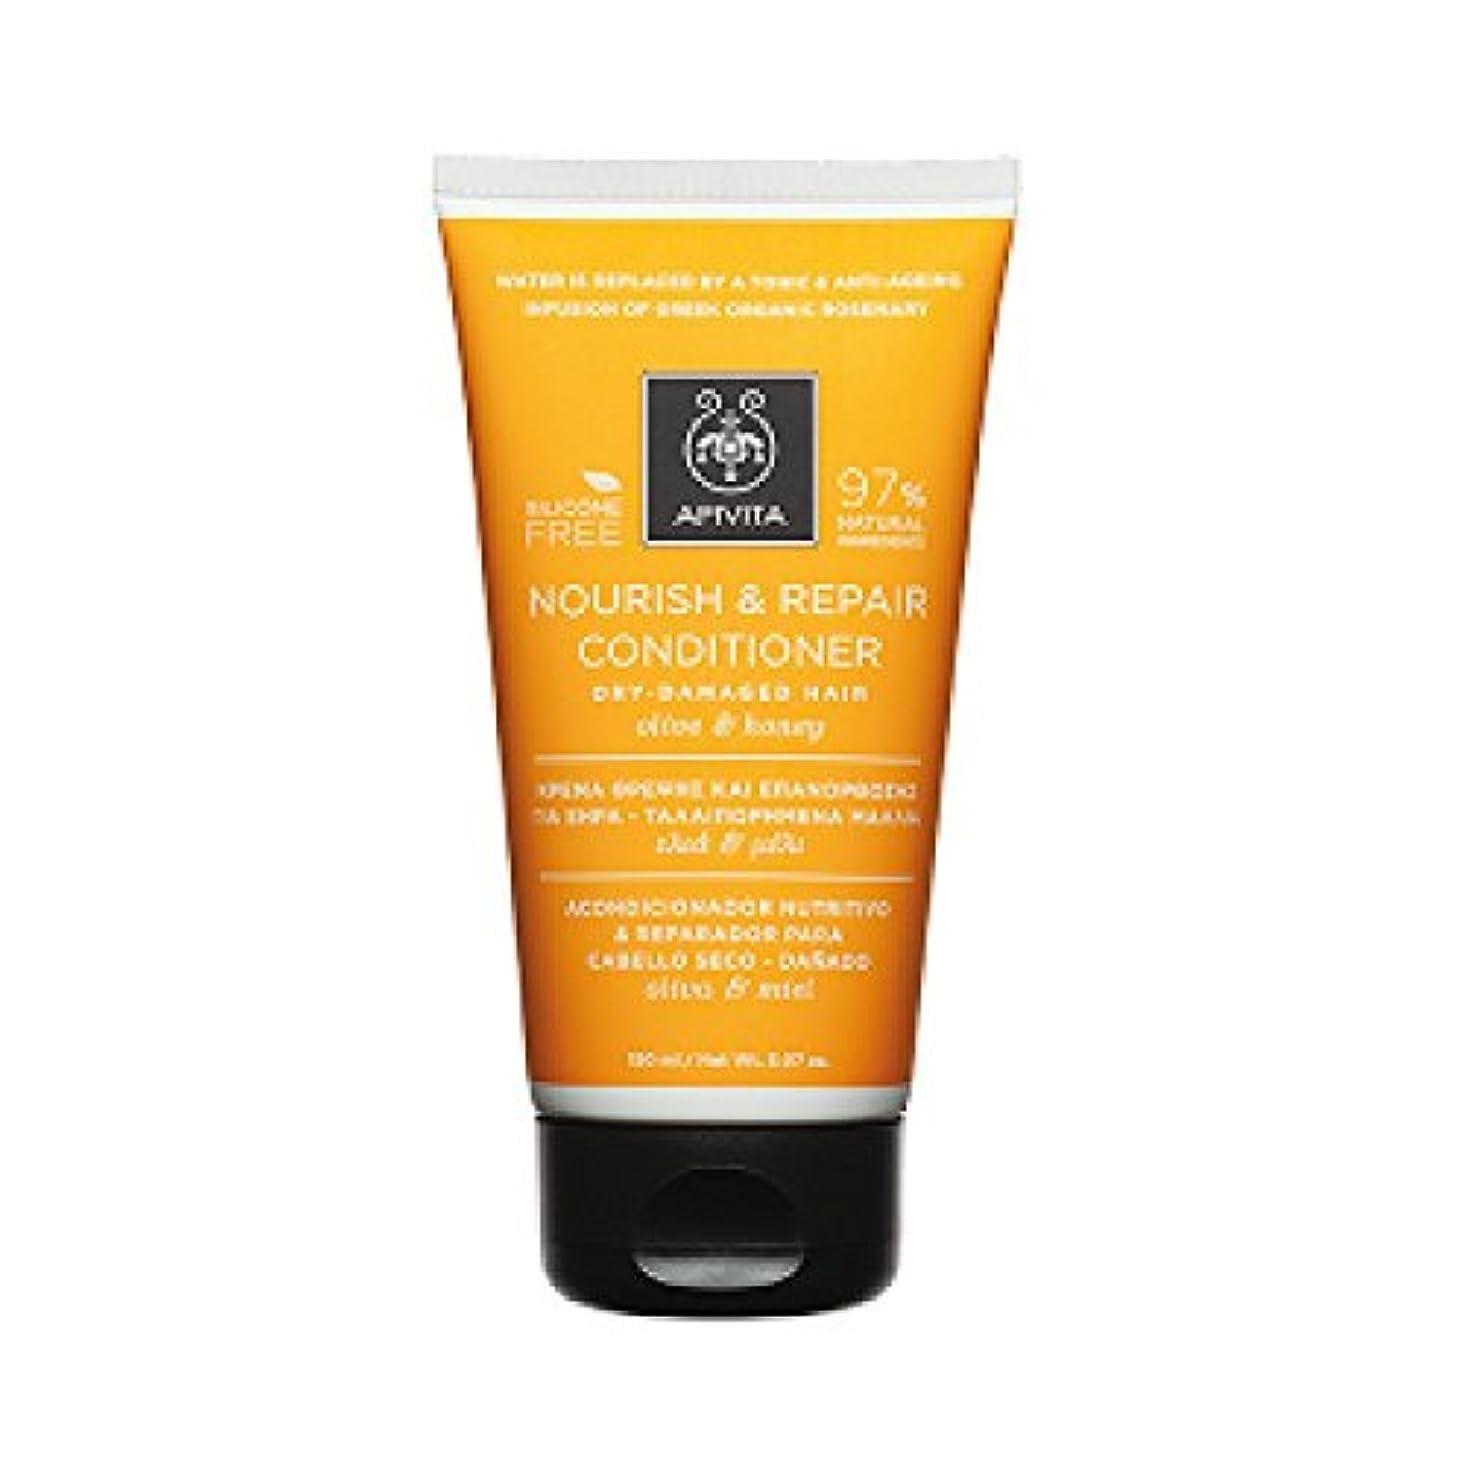 慢特別な品アピヴィータ Nourish & Repair Conditioner with Olive & Honey (For Dry-Damaged Hair) 150ml [並行輸入品]